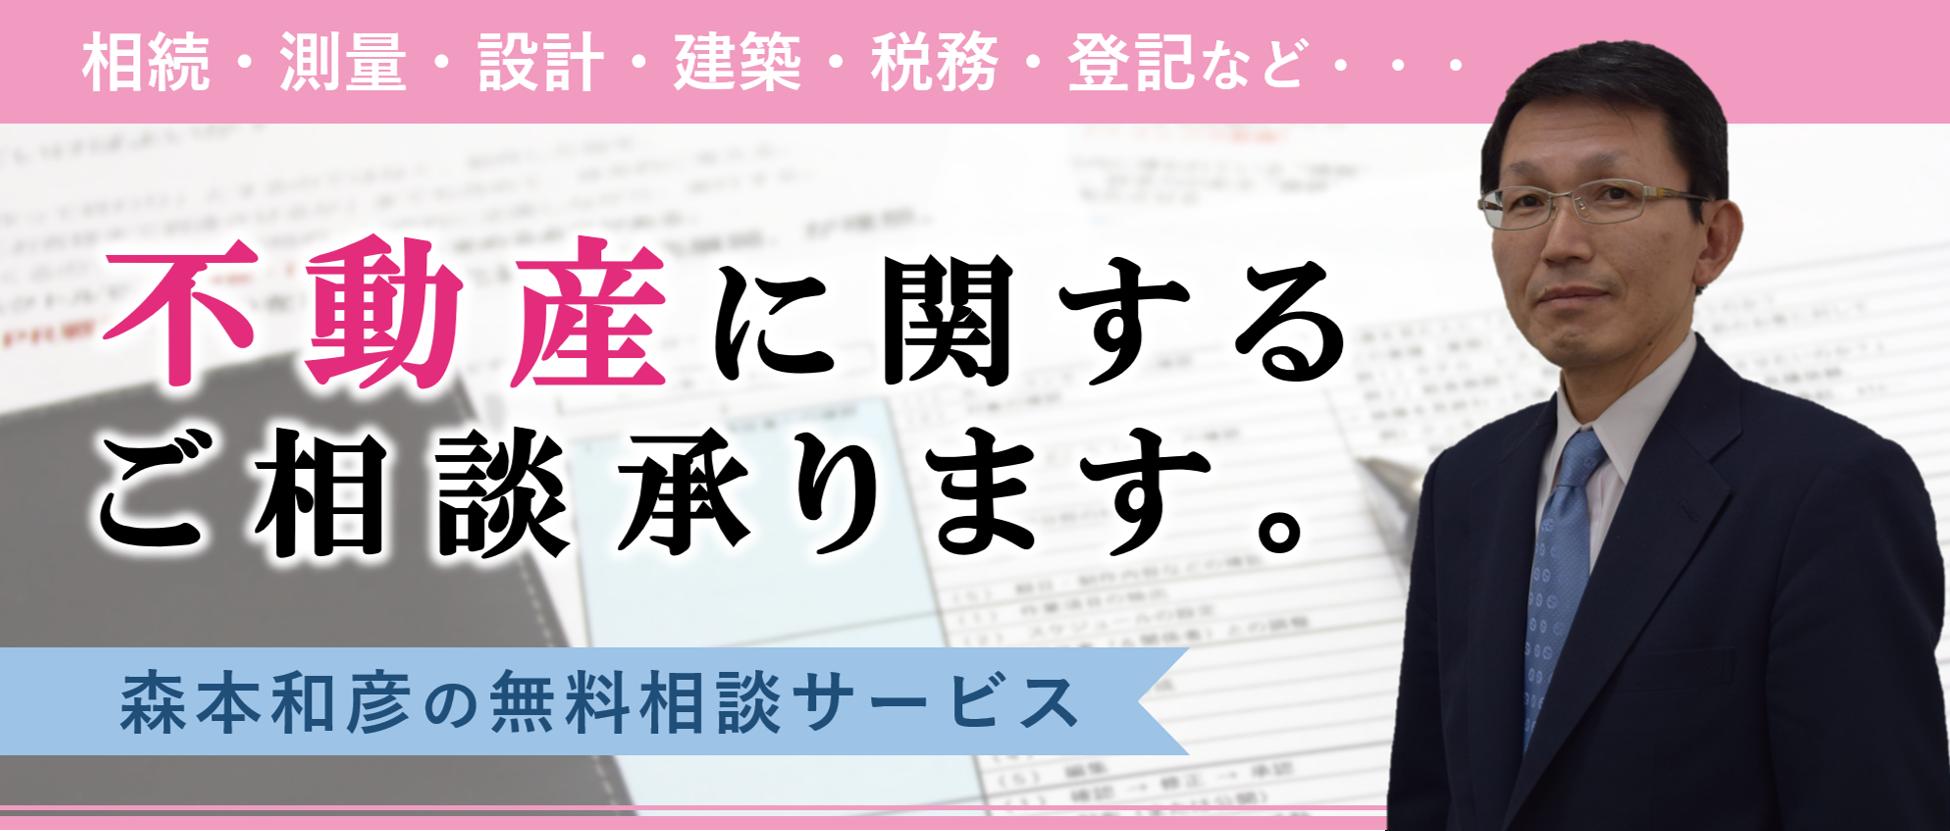 東京都相続不動産コンサルタントの仕事は?相続財産整理だけでなく希望の自宅建設も